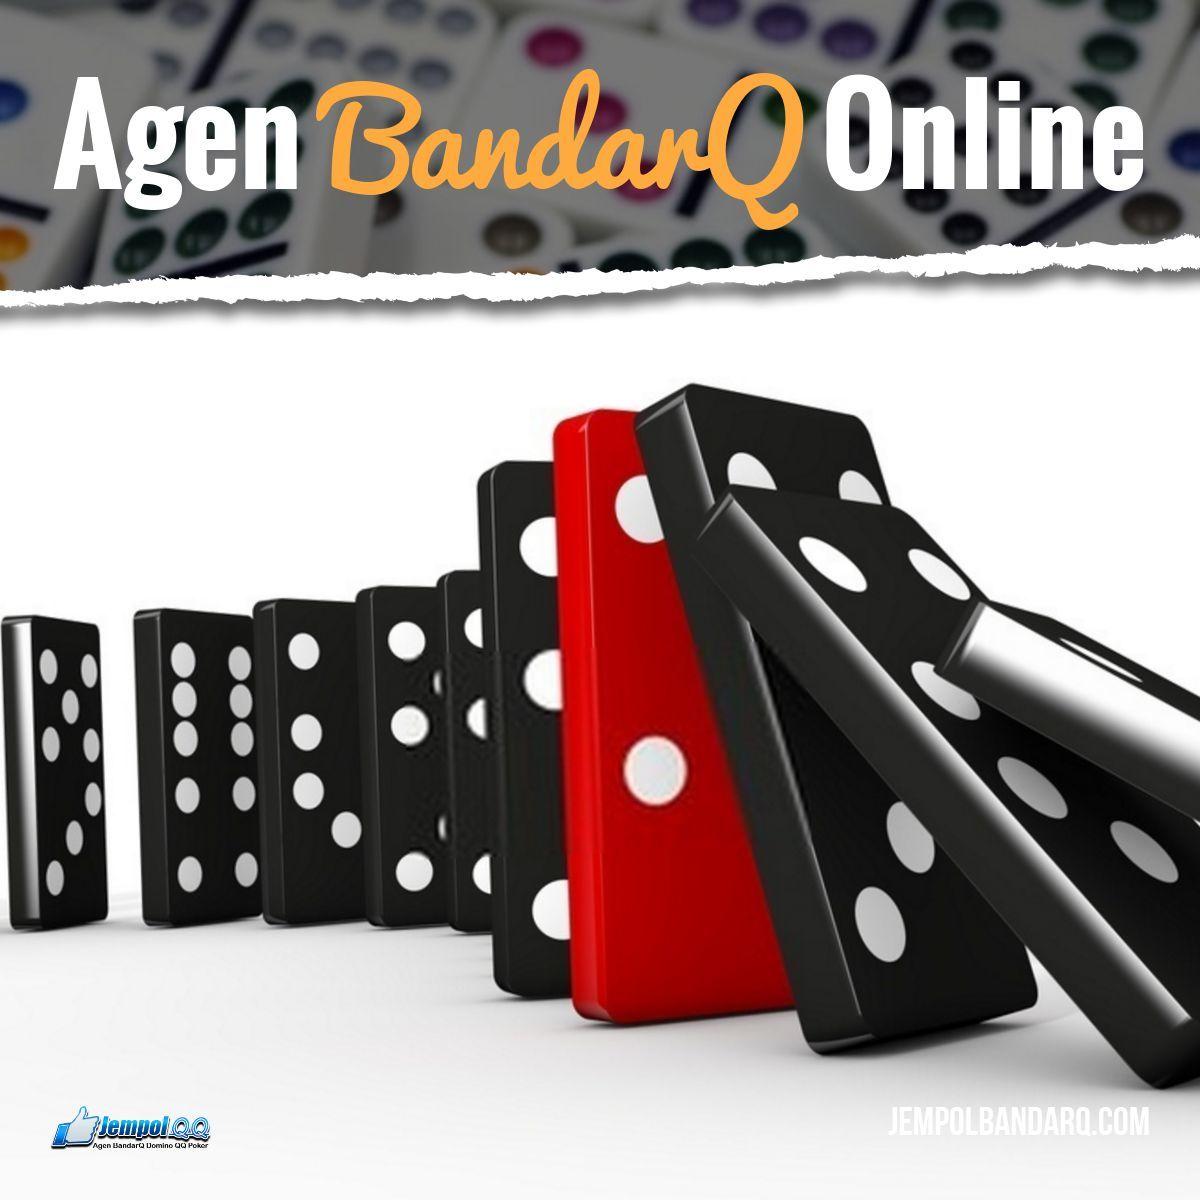 Bandarqq Pokerqq Dominoqq & Bandar Poker Terbaik Di Indonesia Yang Lebih Bermanfaat